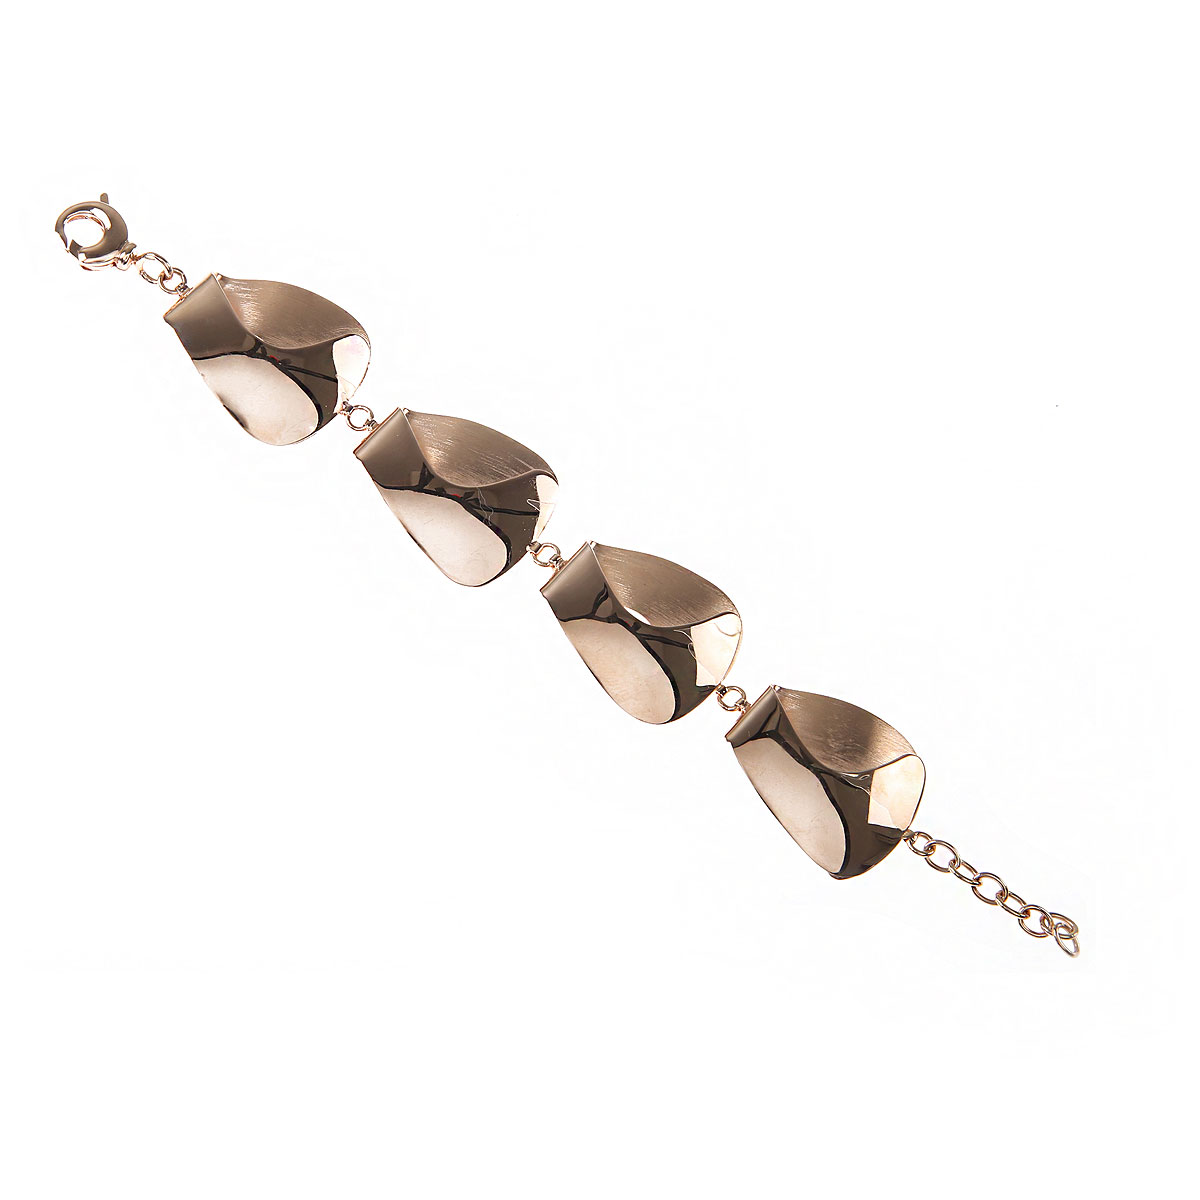 Italian Finest Jewelry Bracelet for Women On Sale, Silver, 2019